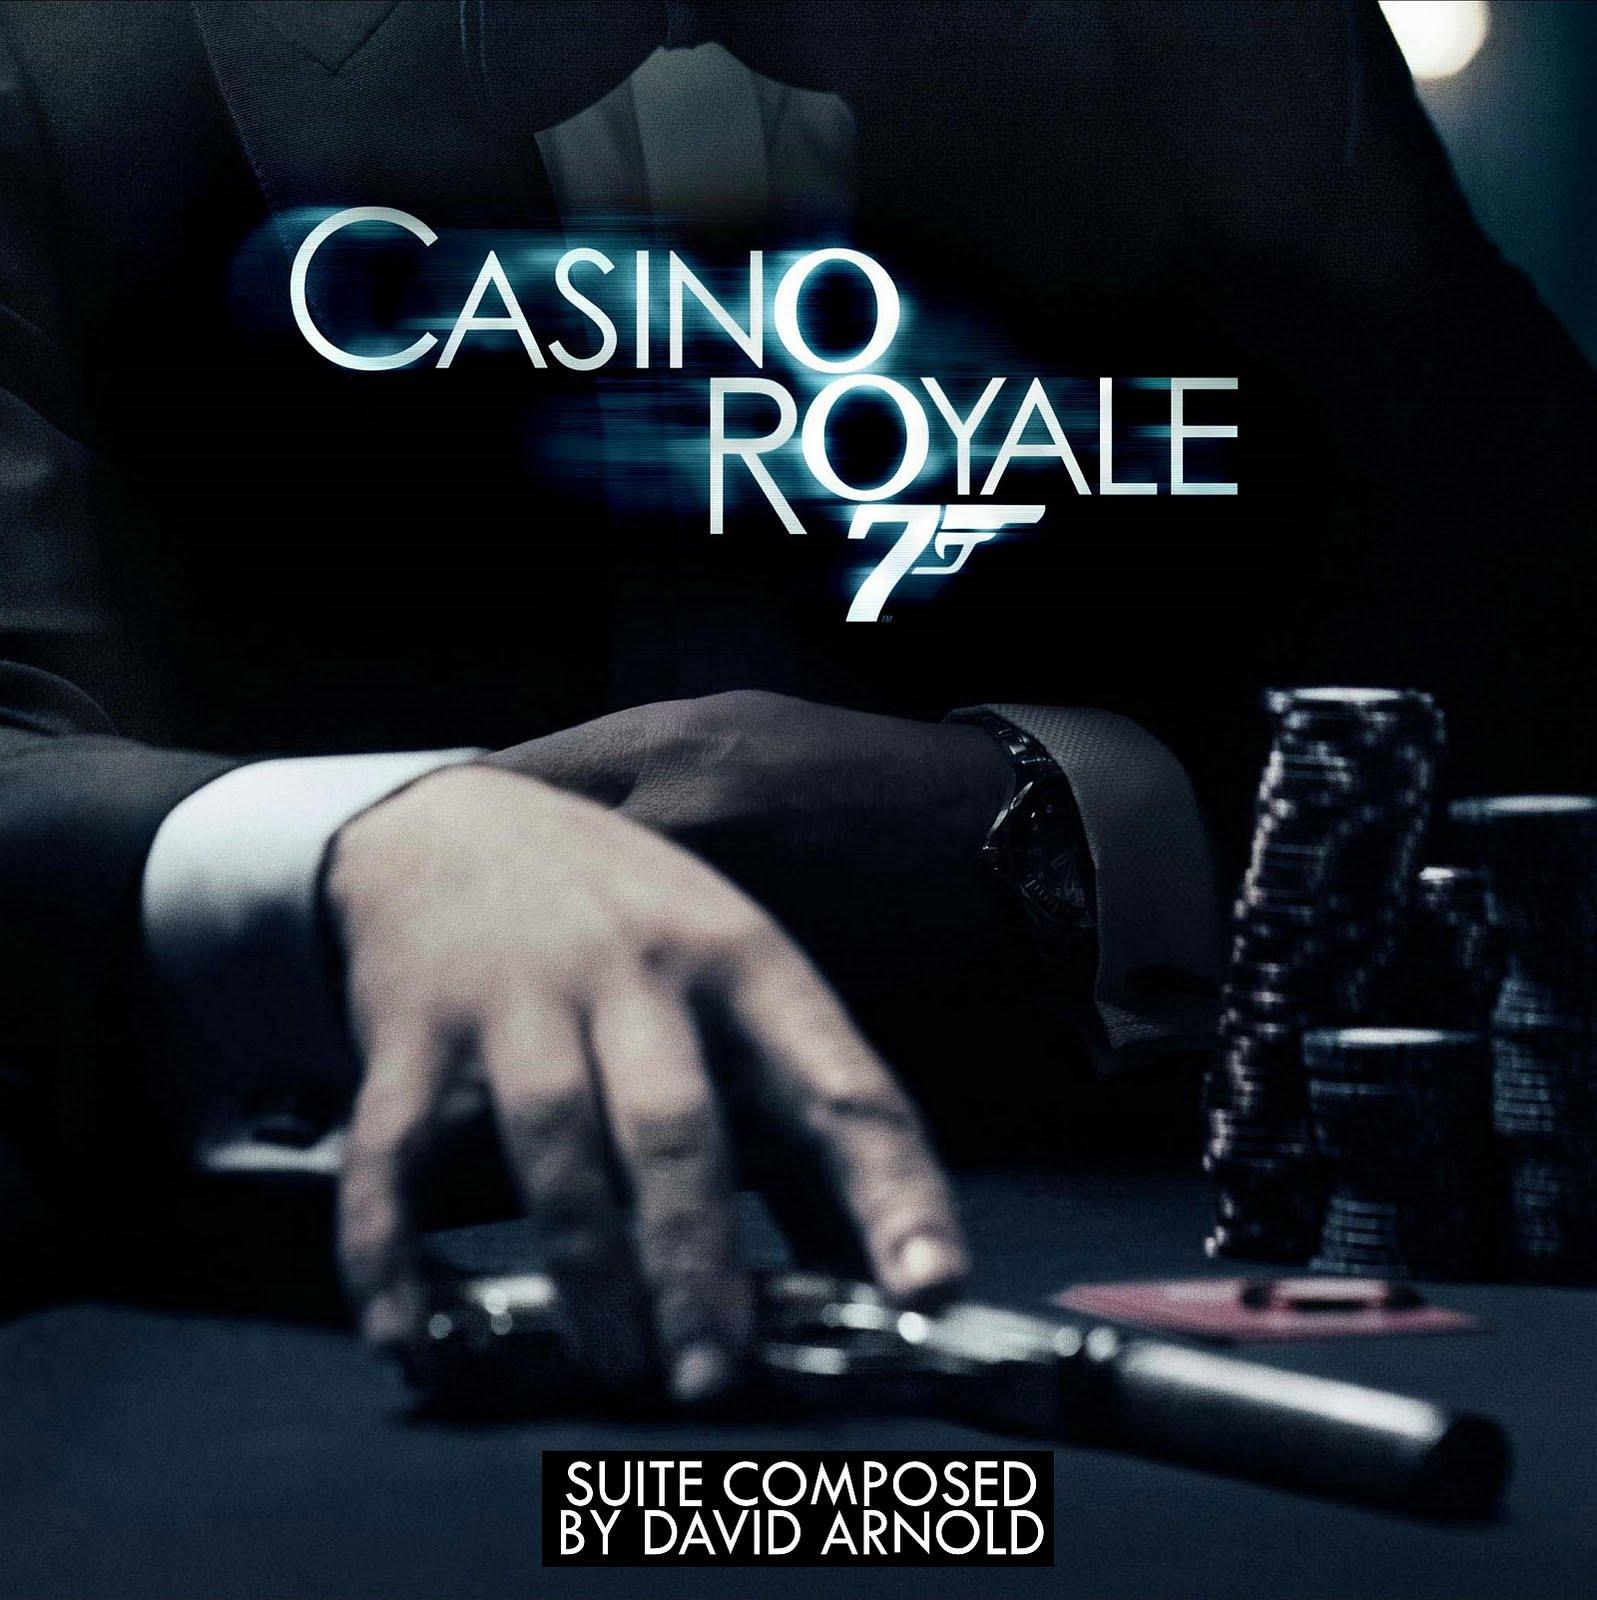 007 casino royale soundtrack